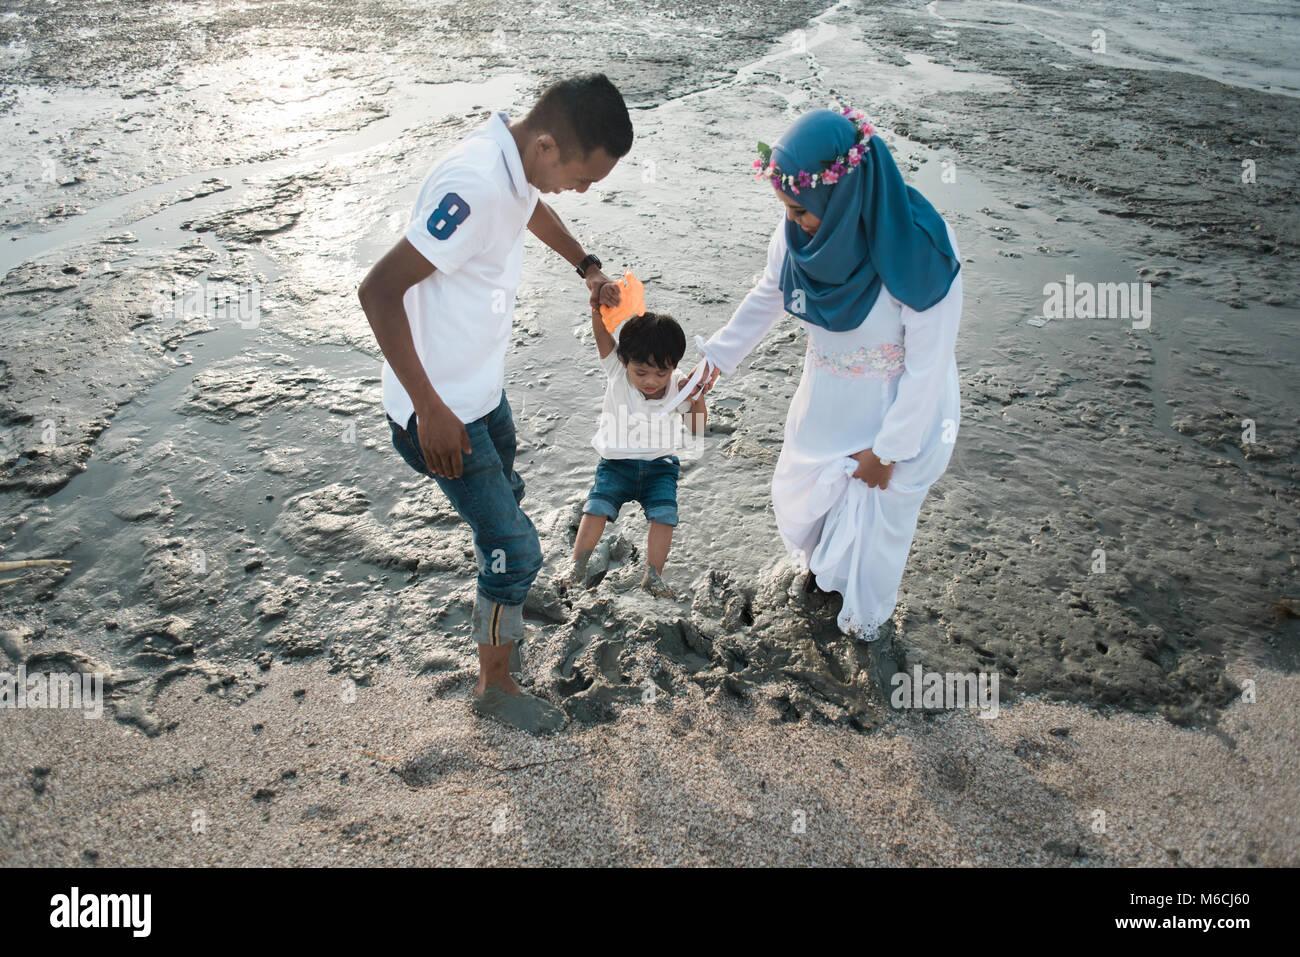 Feliz familia de Asia vistiendo casual y jugando con el barro en el barro ubicado en la playa de Pantai remis, Kuala Imagen De Stock